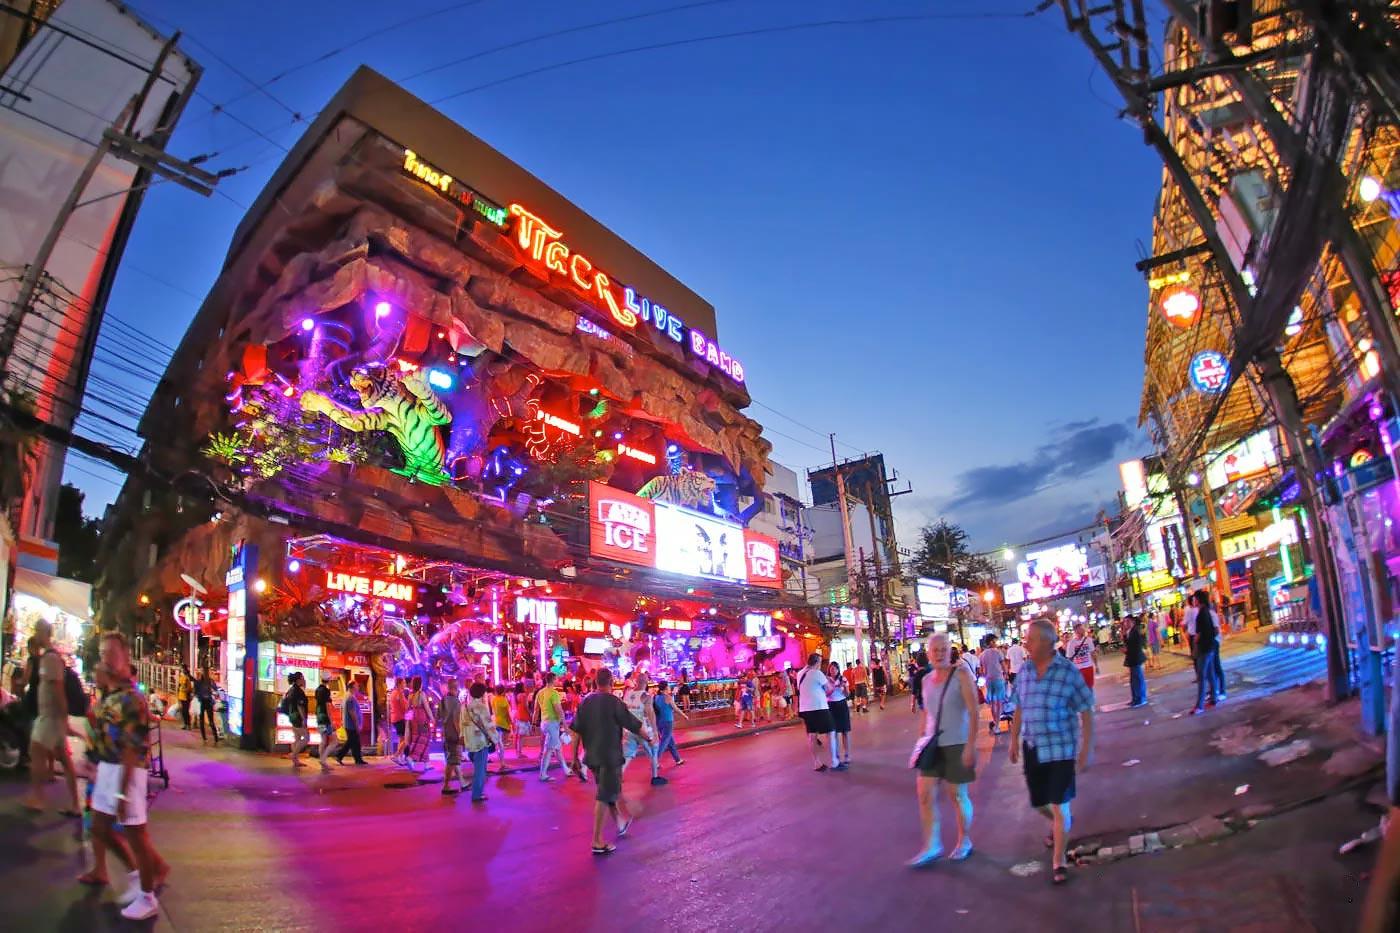 du lich phuket anh 3  - 921ff6e5_a4ce_474e_9acb_7e8a5069987f - Du lịch Đông Nam Á đang dõi theo Phuket